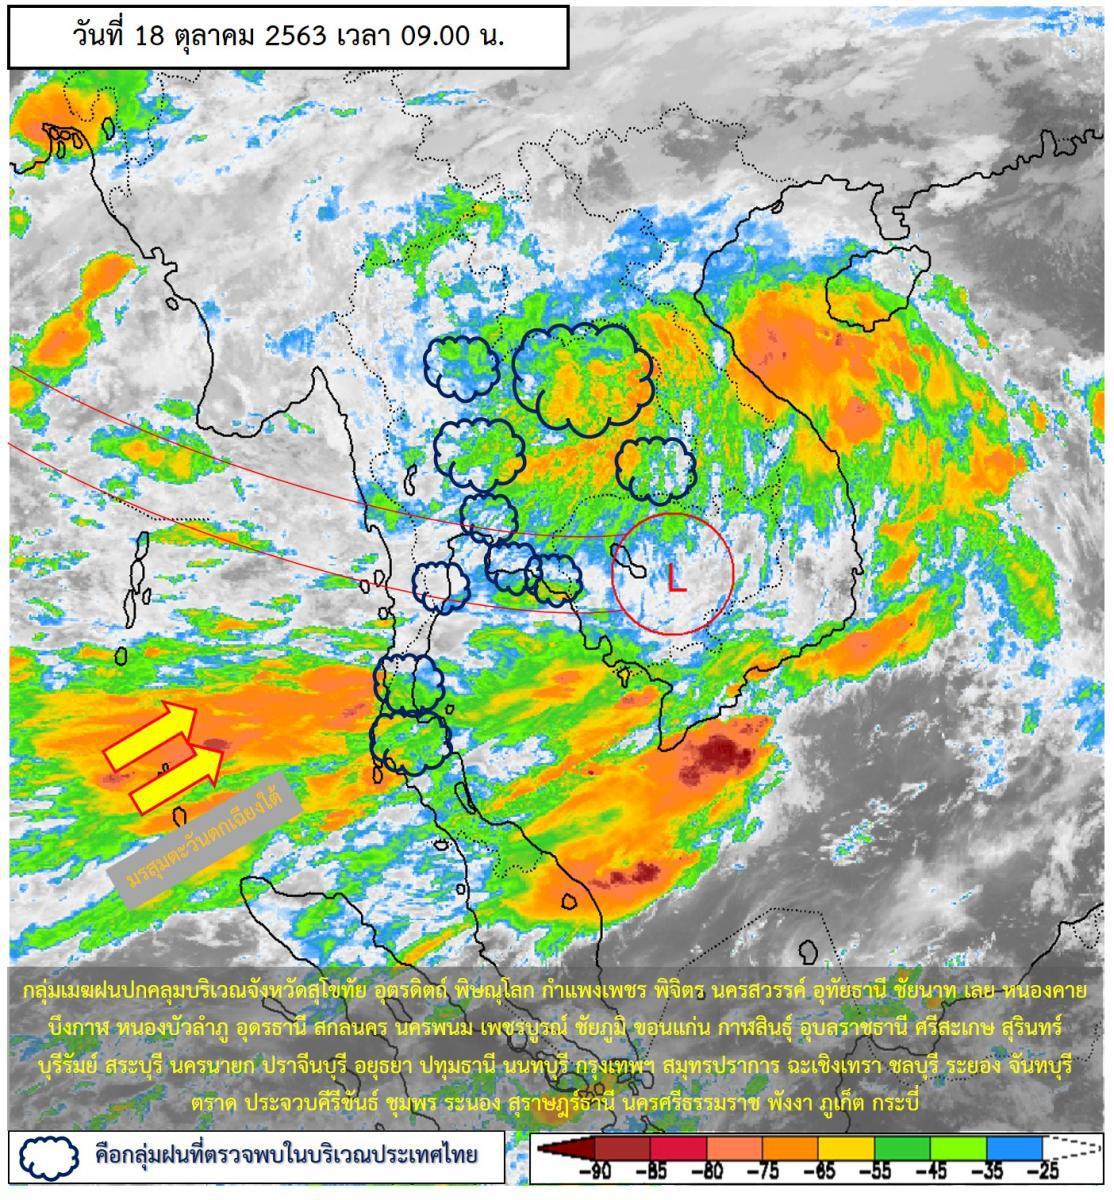 กรมอุตุฯ เตือน ฝนตกหนักต่อเนื่องทั่วไทย ระวังน้ำท่วม-น้ำป่าหลาก